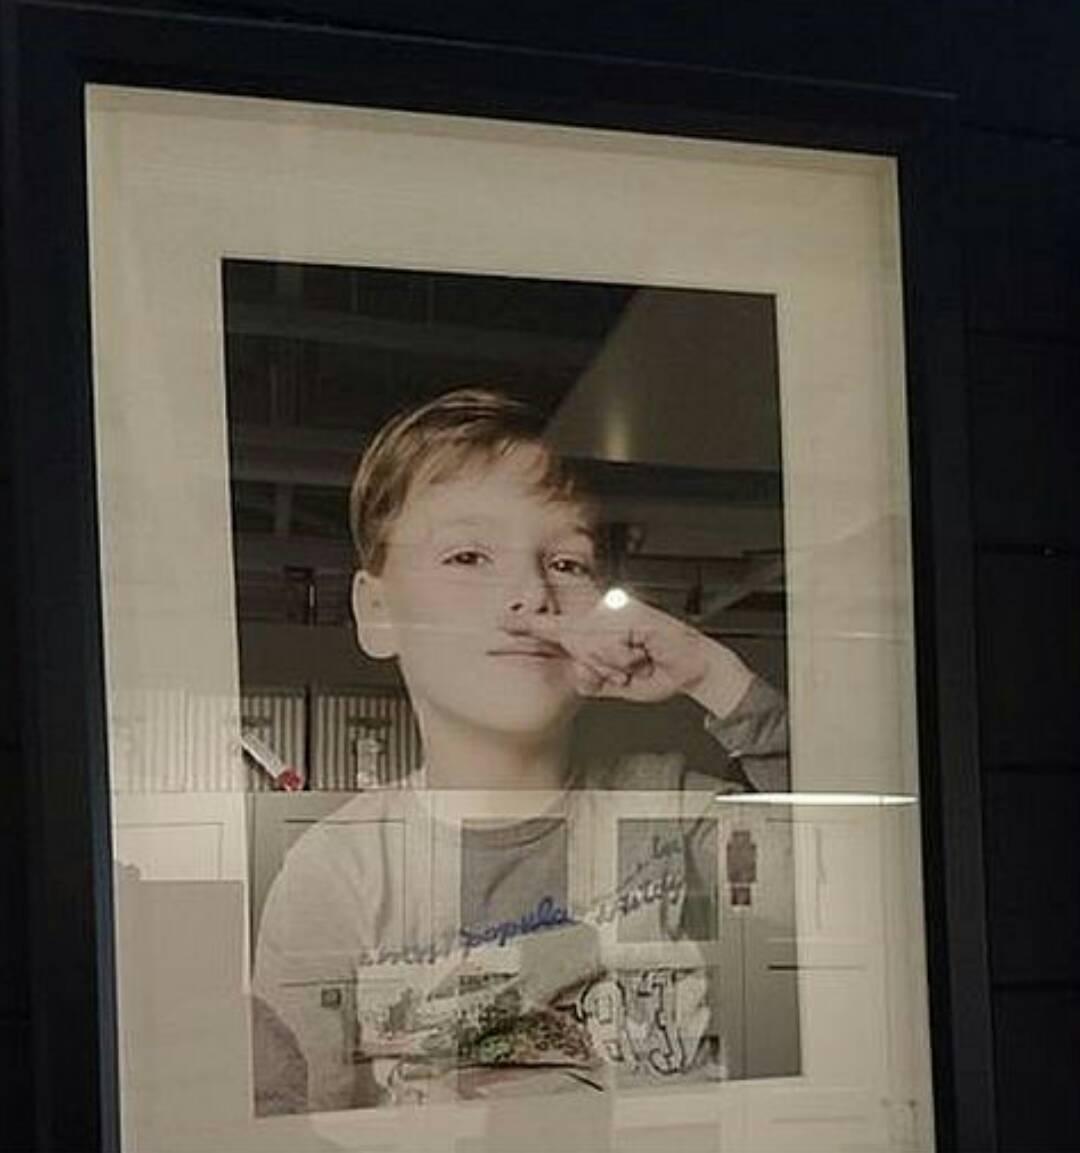 """""""この写真はなんだ!!""""!?  IKEAに飾られた1枚の少年の写真に非難殺到、大炎上! → その写真を撤去する緊急事態に。その理由が衝撃的。。。"""